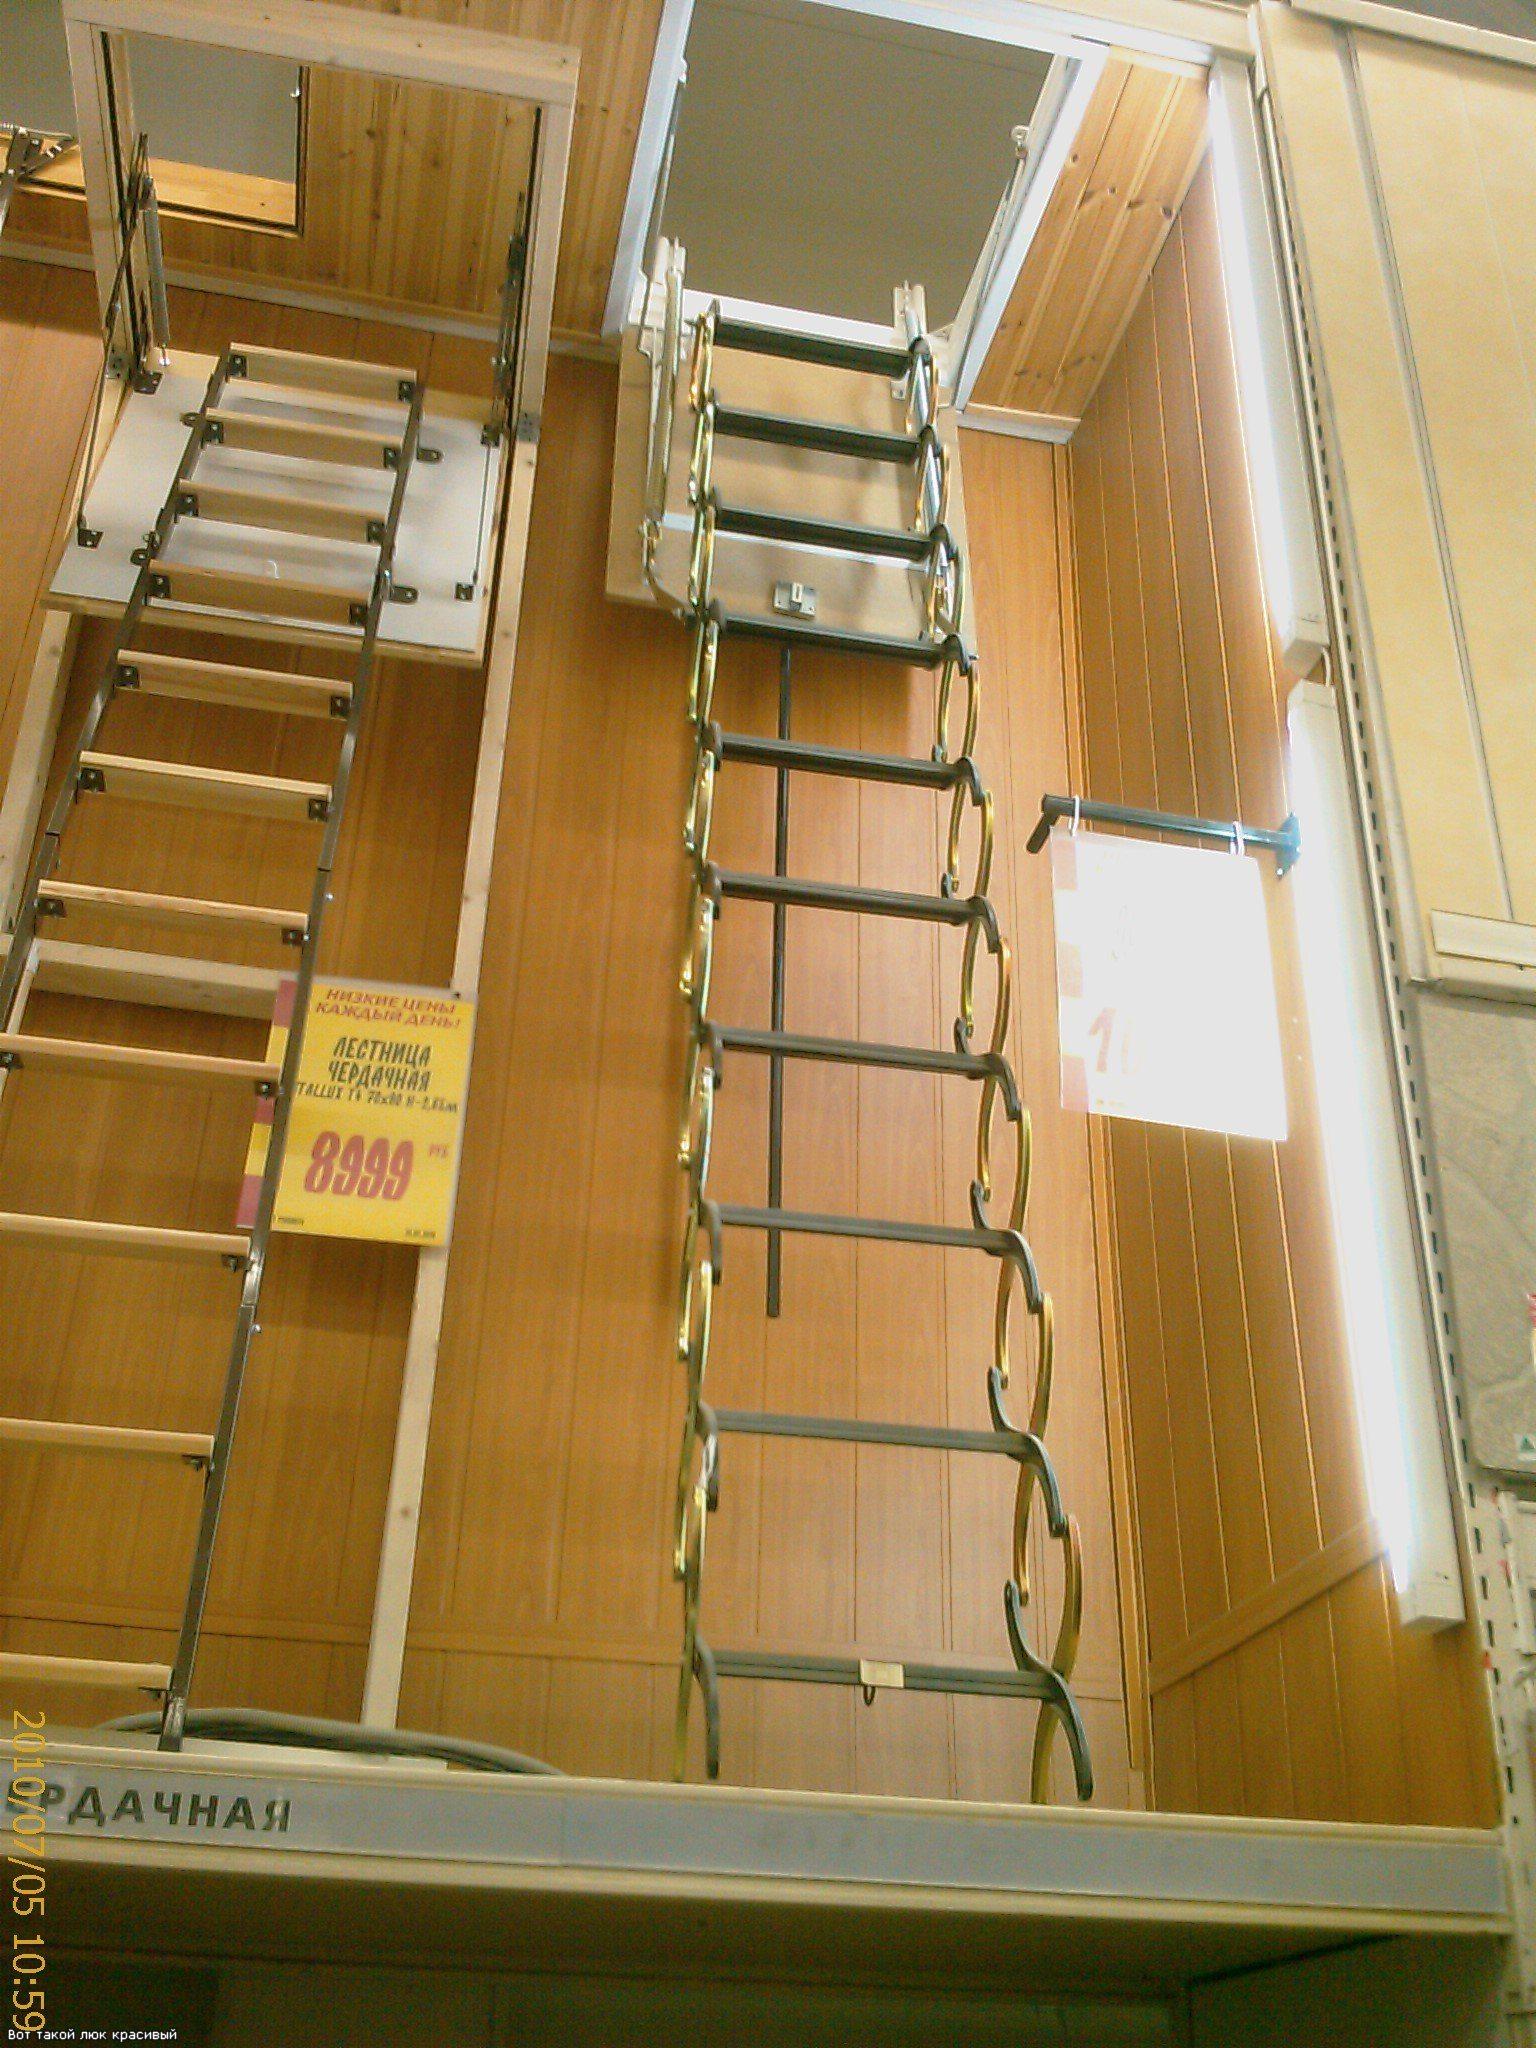 Пожарная лестница на балконе. - примеры ремонта - каталог ст.